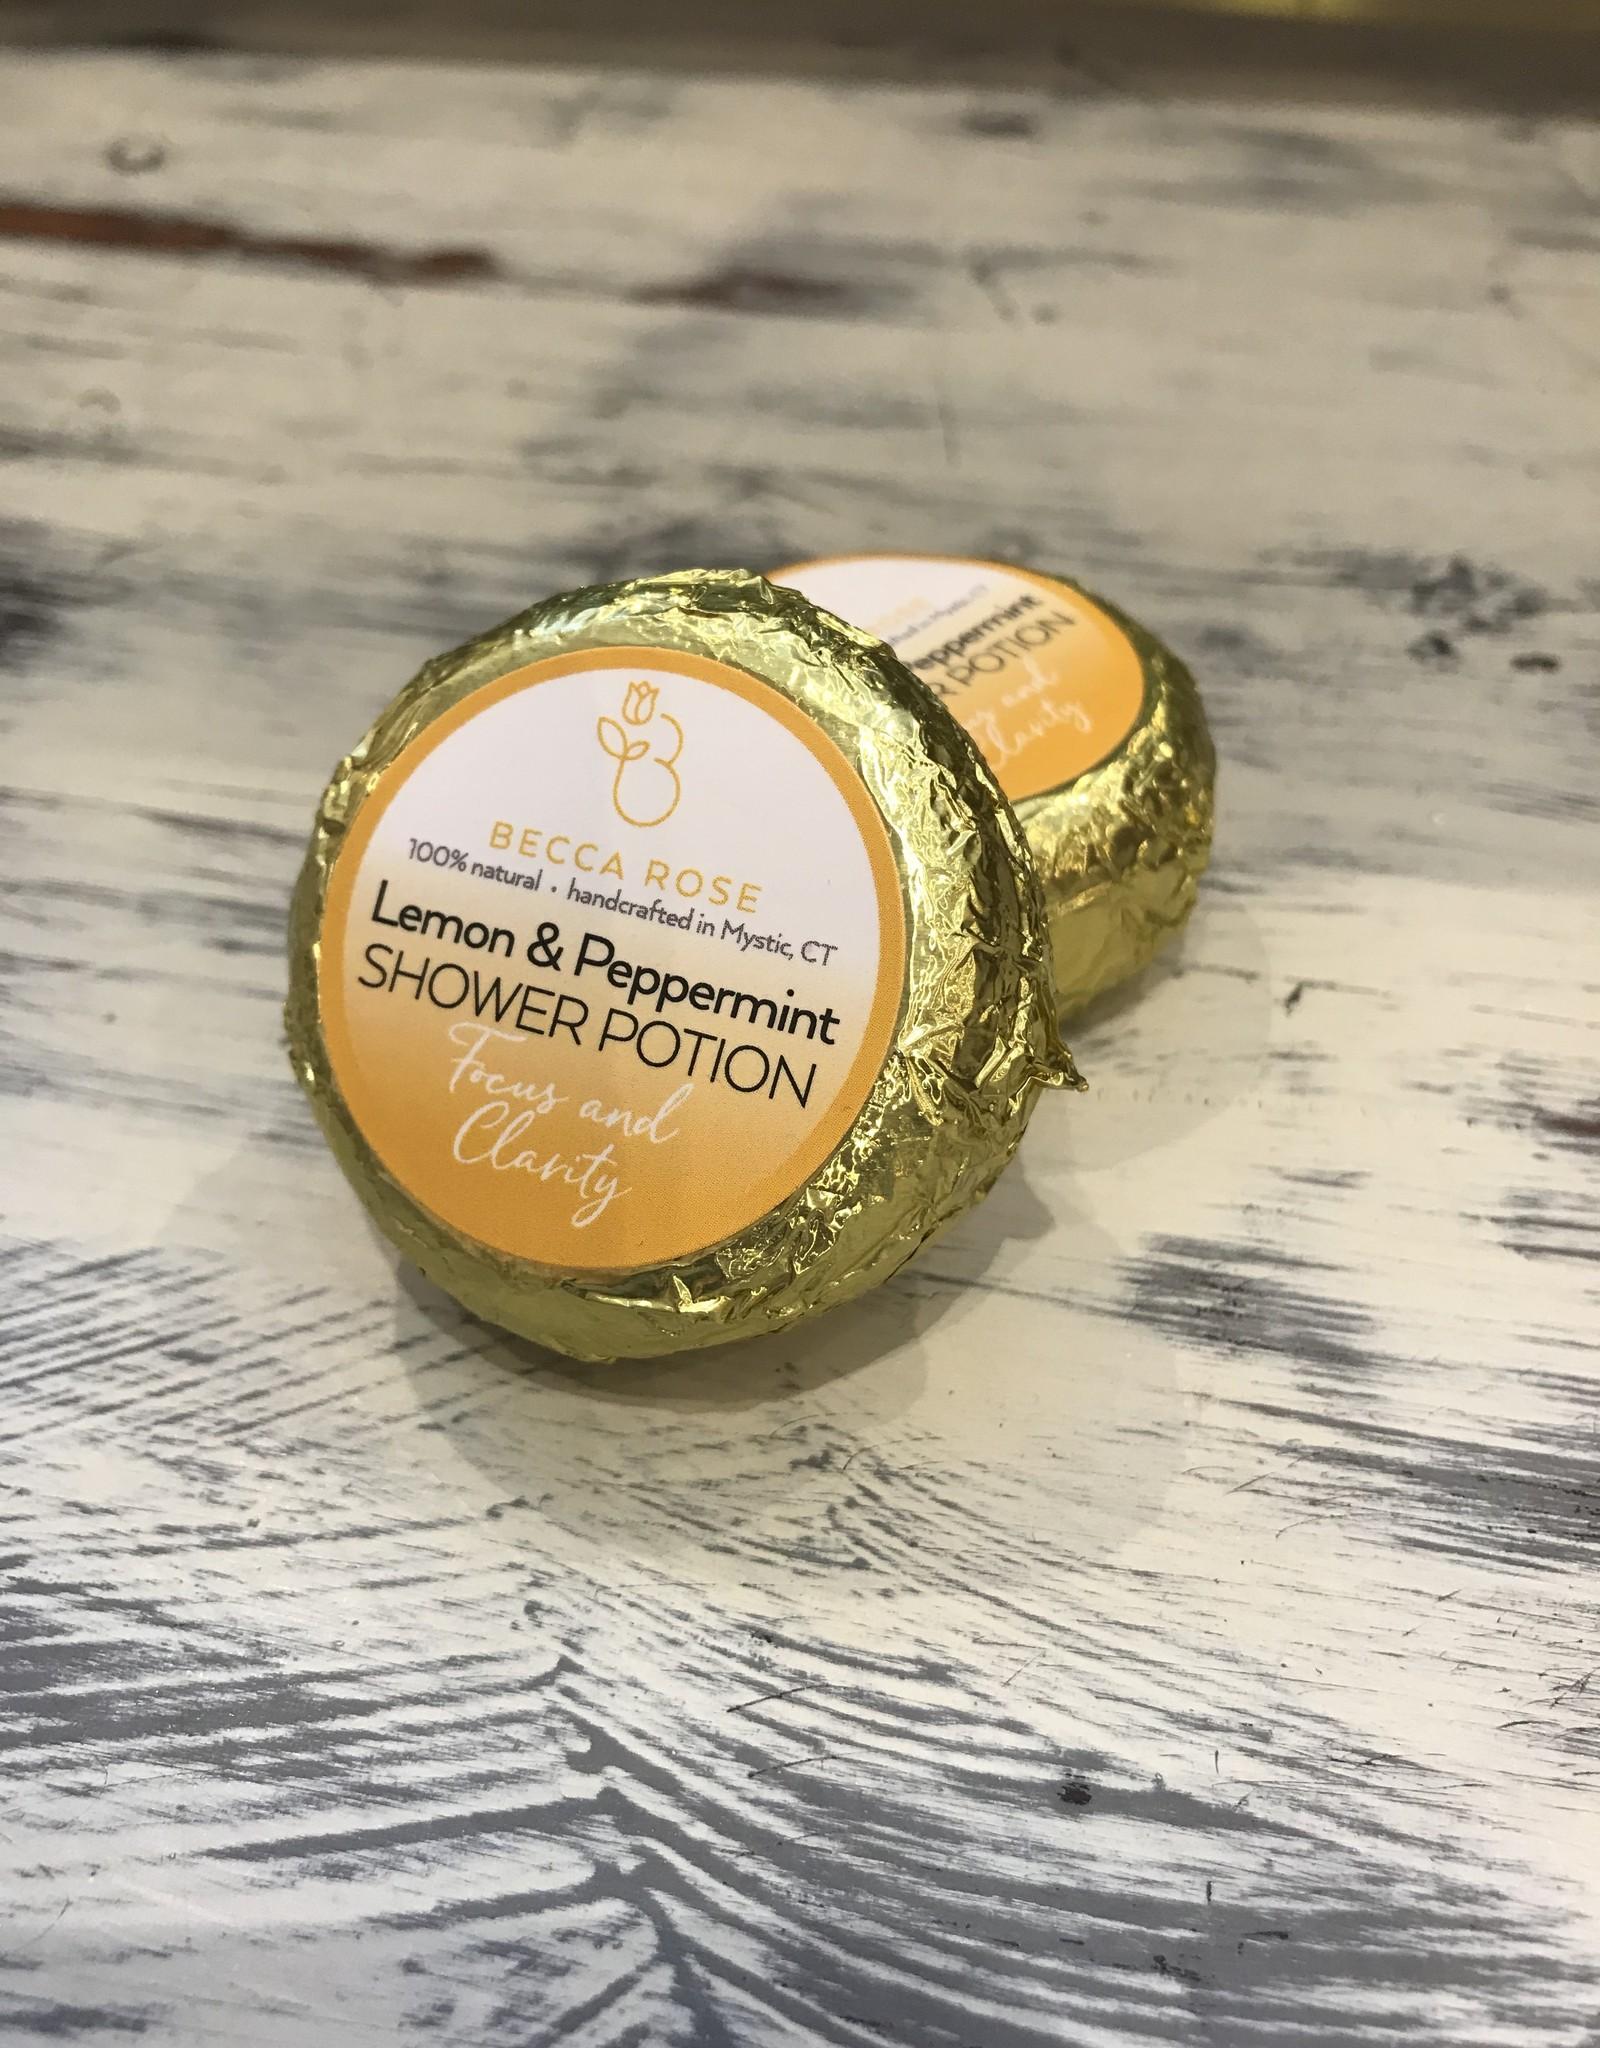 Becca Rose Lemon-Peppermint Shower Potion